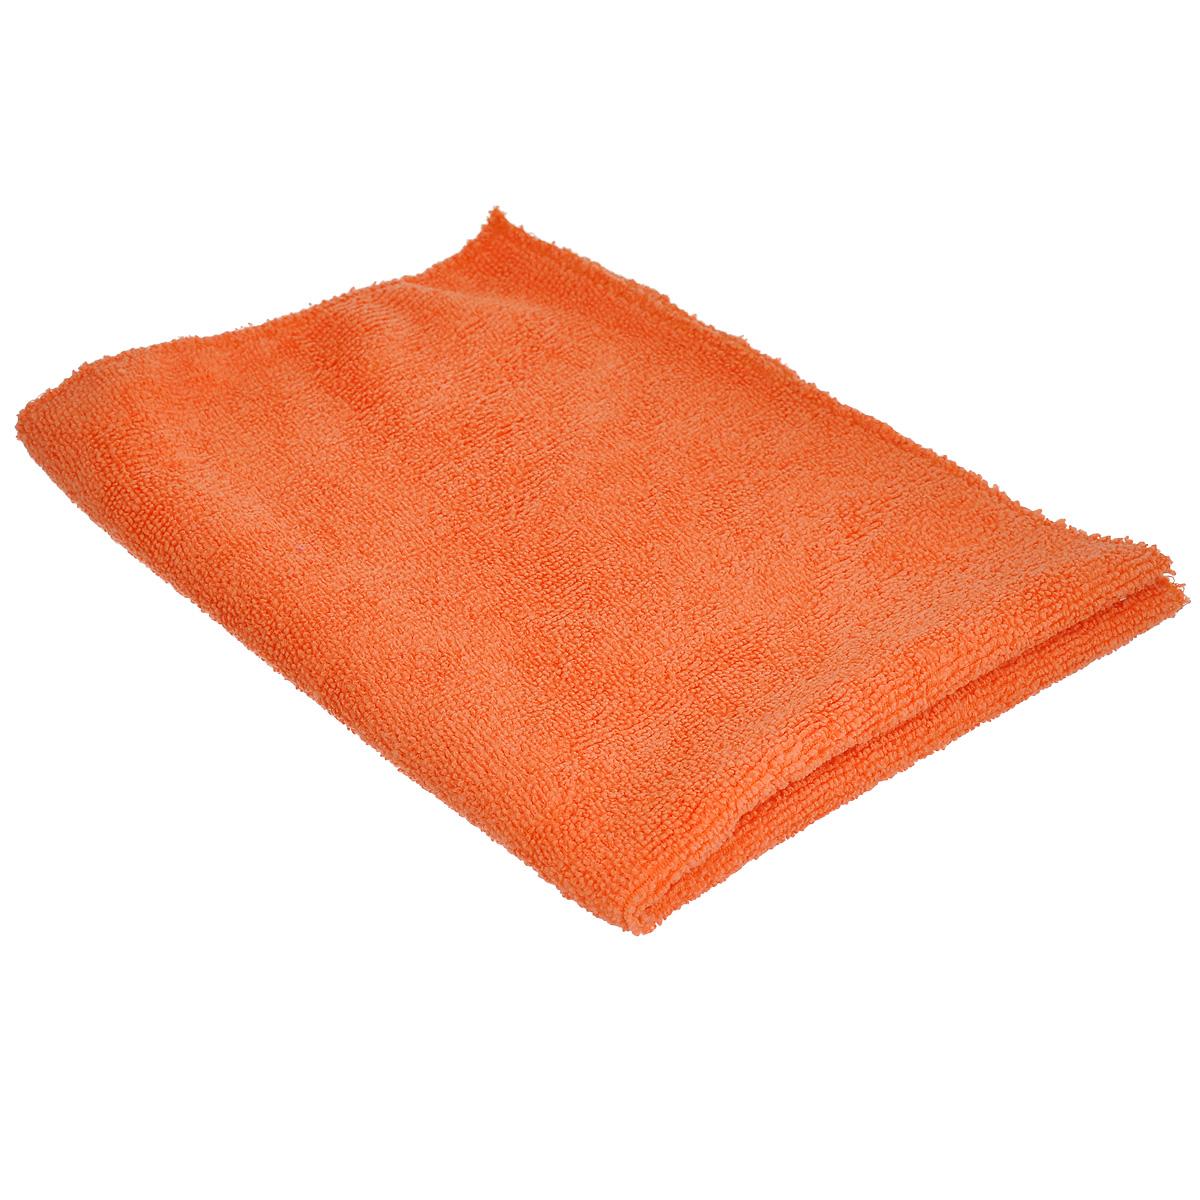 Тряпка Eva для пола, цвет: оранжевый, 50 см х 40 смЕ7311_оранжевыйТряпка для пола Eva изготовлена из микрофибры. Она идеально подходит для уборки: хорошо впитывает влагу, легко удаляет загрязнения без моющих средств, вытирает насухо, не оставляя разводов и ворсинок на поверхности. Размер: 50 см х 40 см.